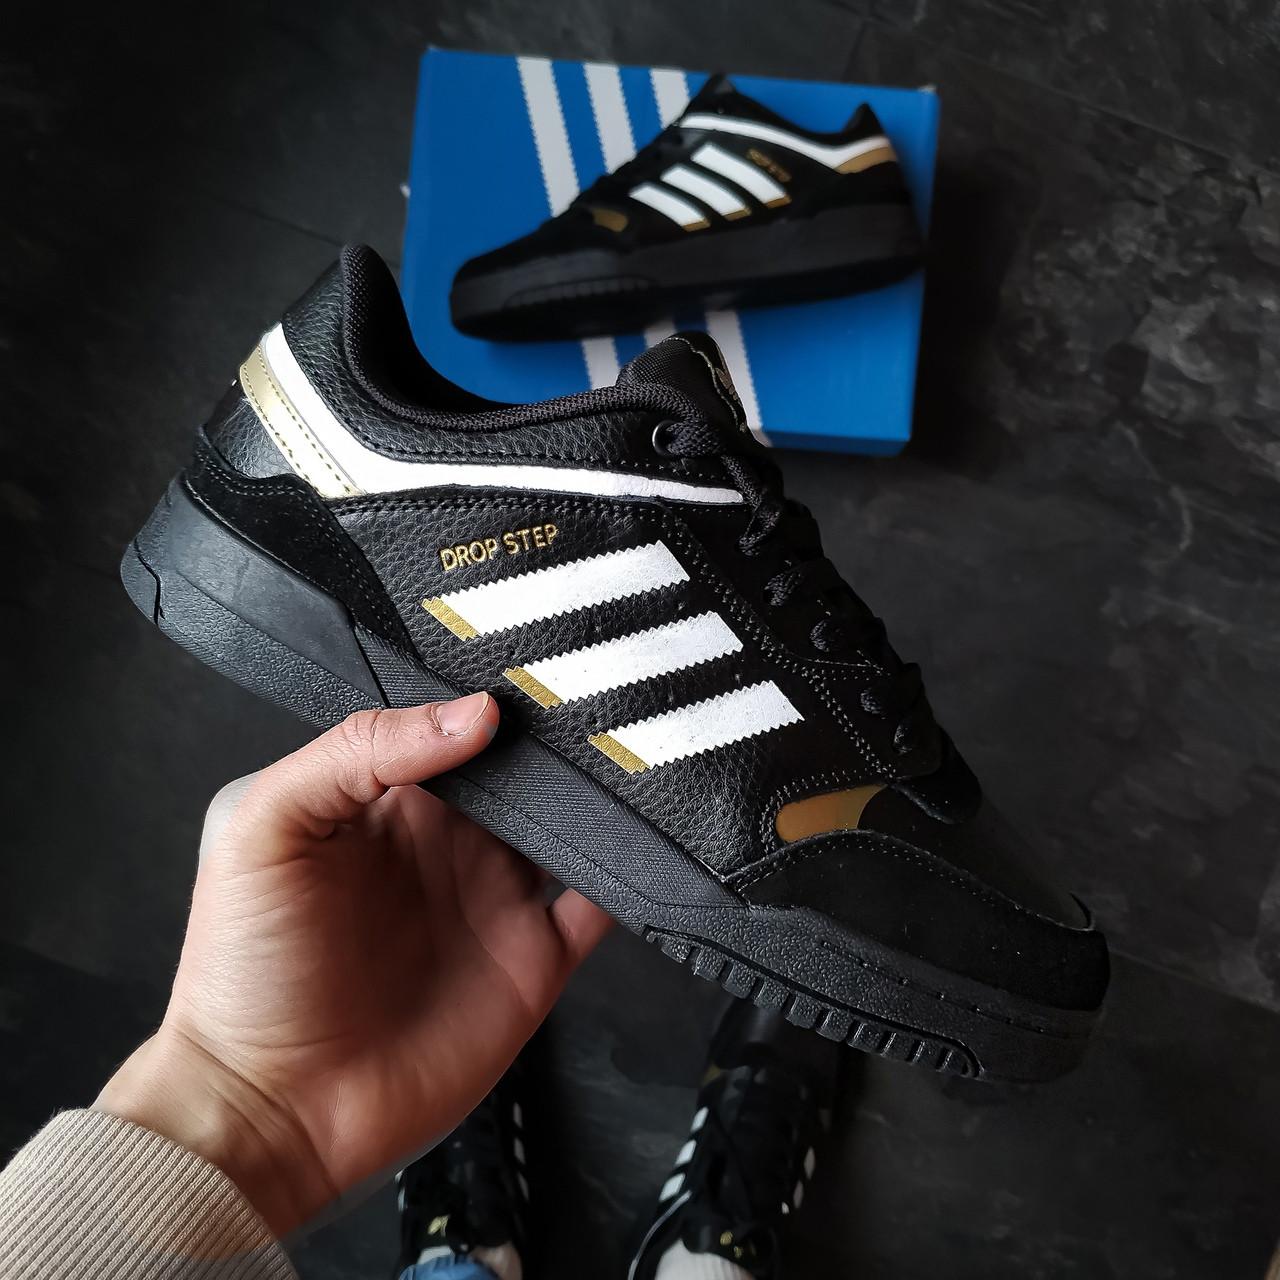 Мужские кроссовки Adidas Drop Step (черные)